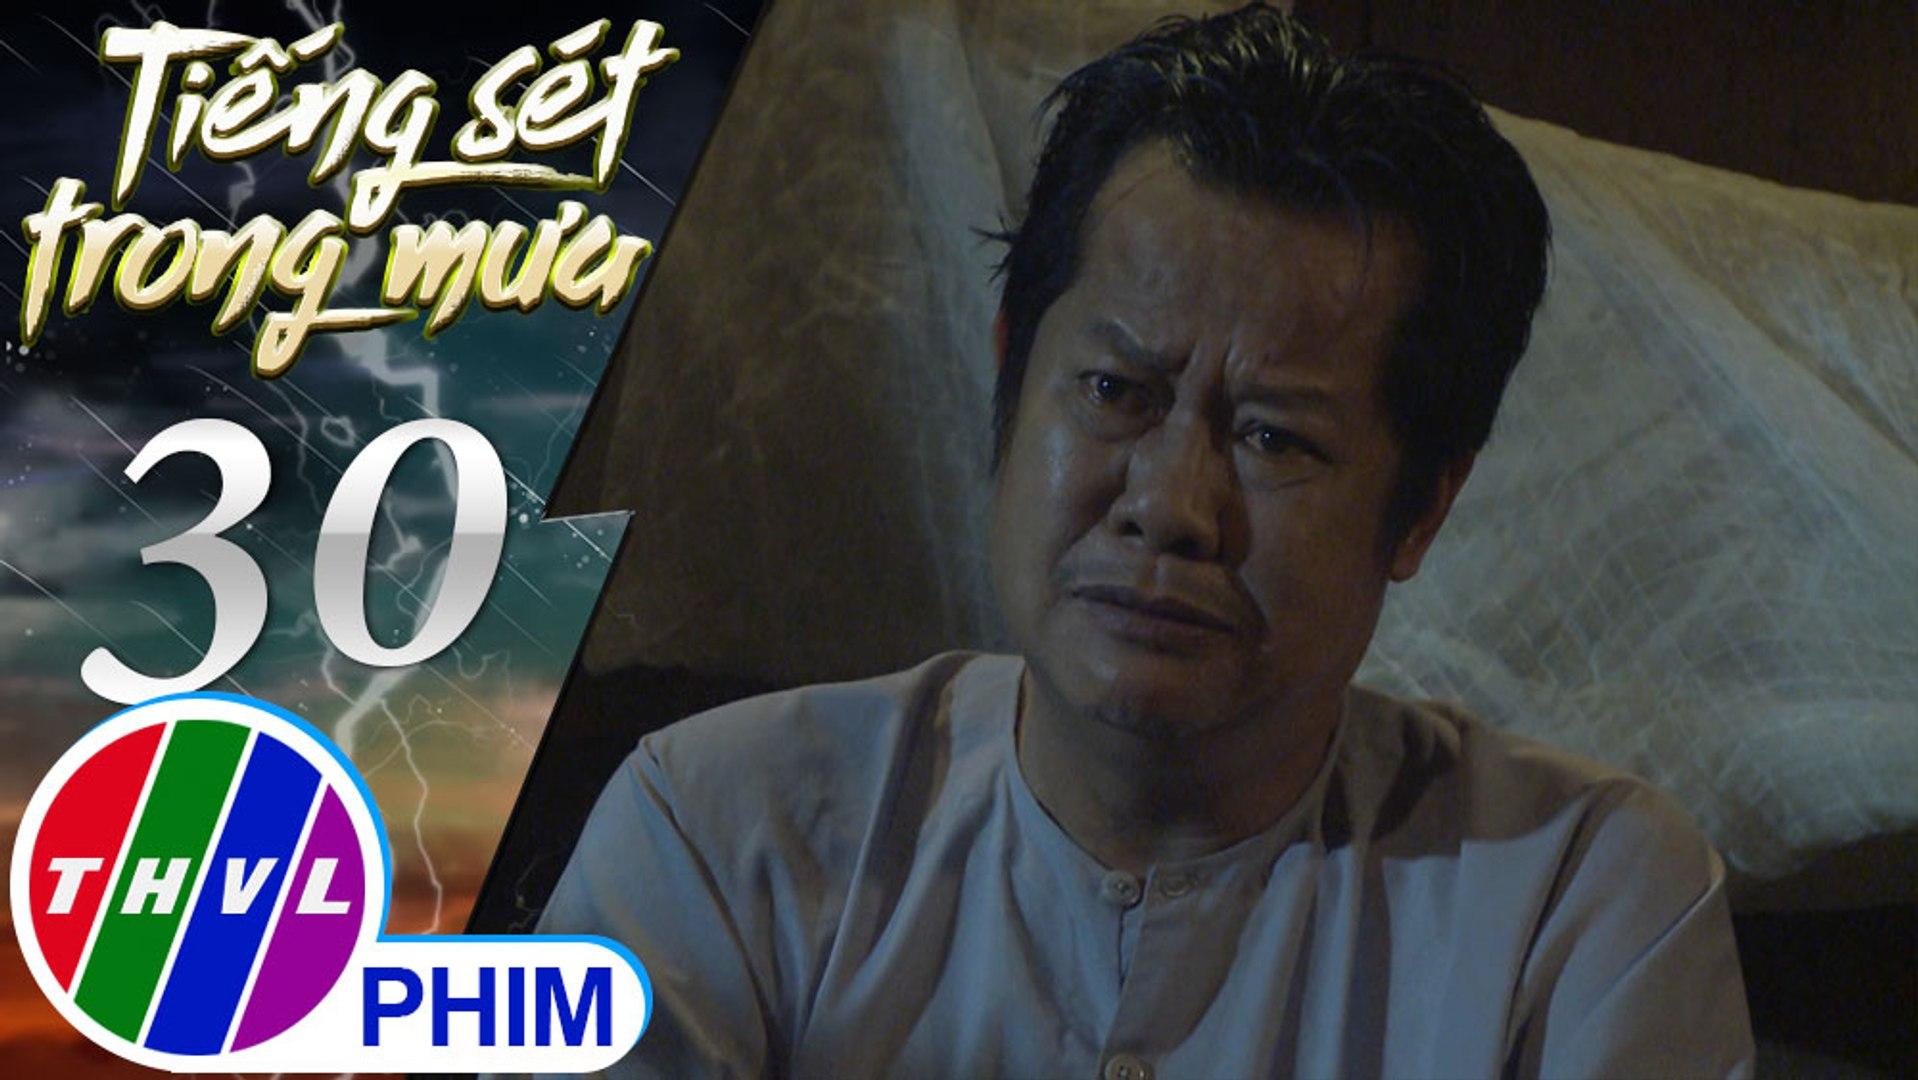 THVL | Tiếng sét trong mưa - Tập 30[2]: Ông Quý trách bà Bình không thương mình mà cứ nhớ người cũ